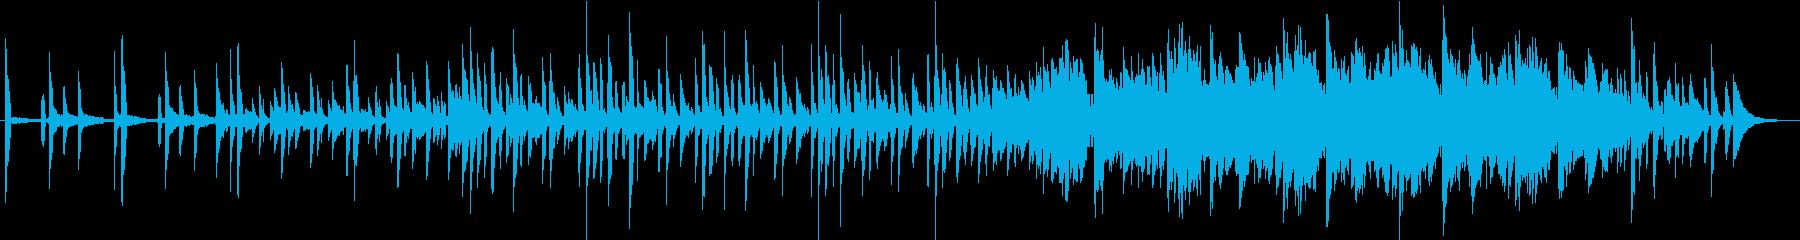 モールス信号をイメージしたポップな曲の再生済みの波形